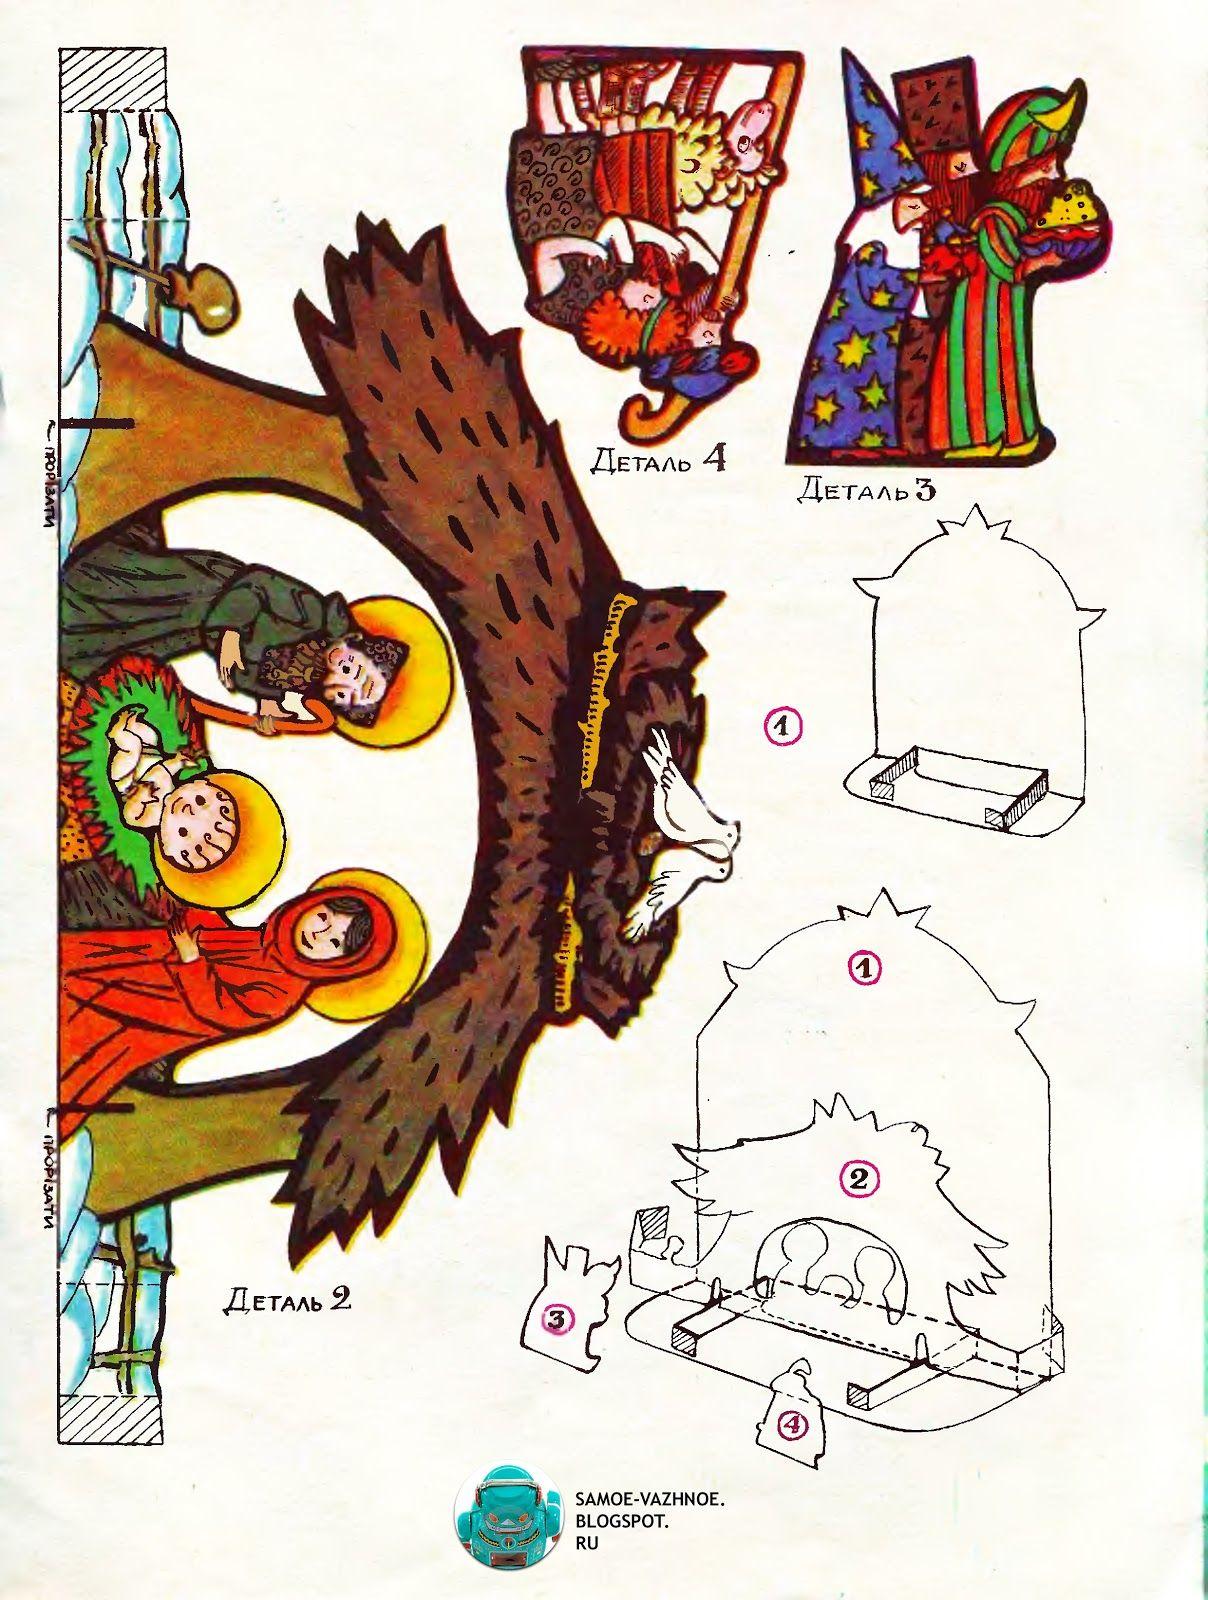 Рождественский вертеп. История его появления в России   1600x1208